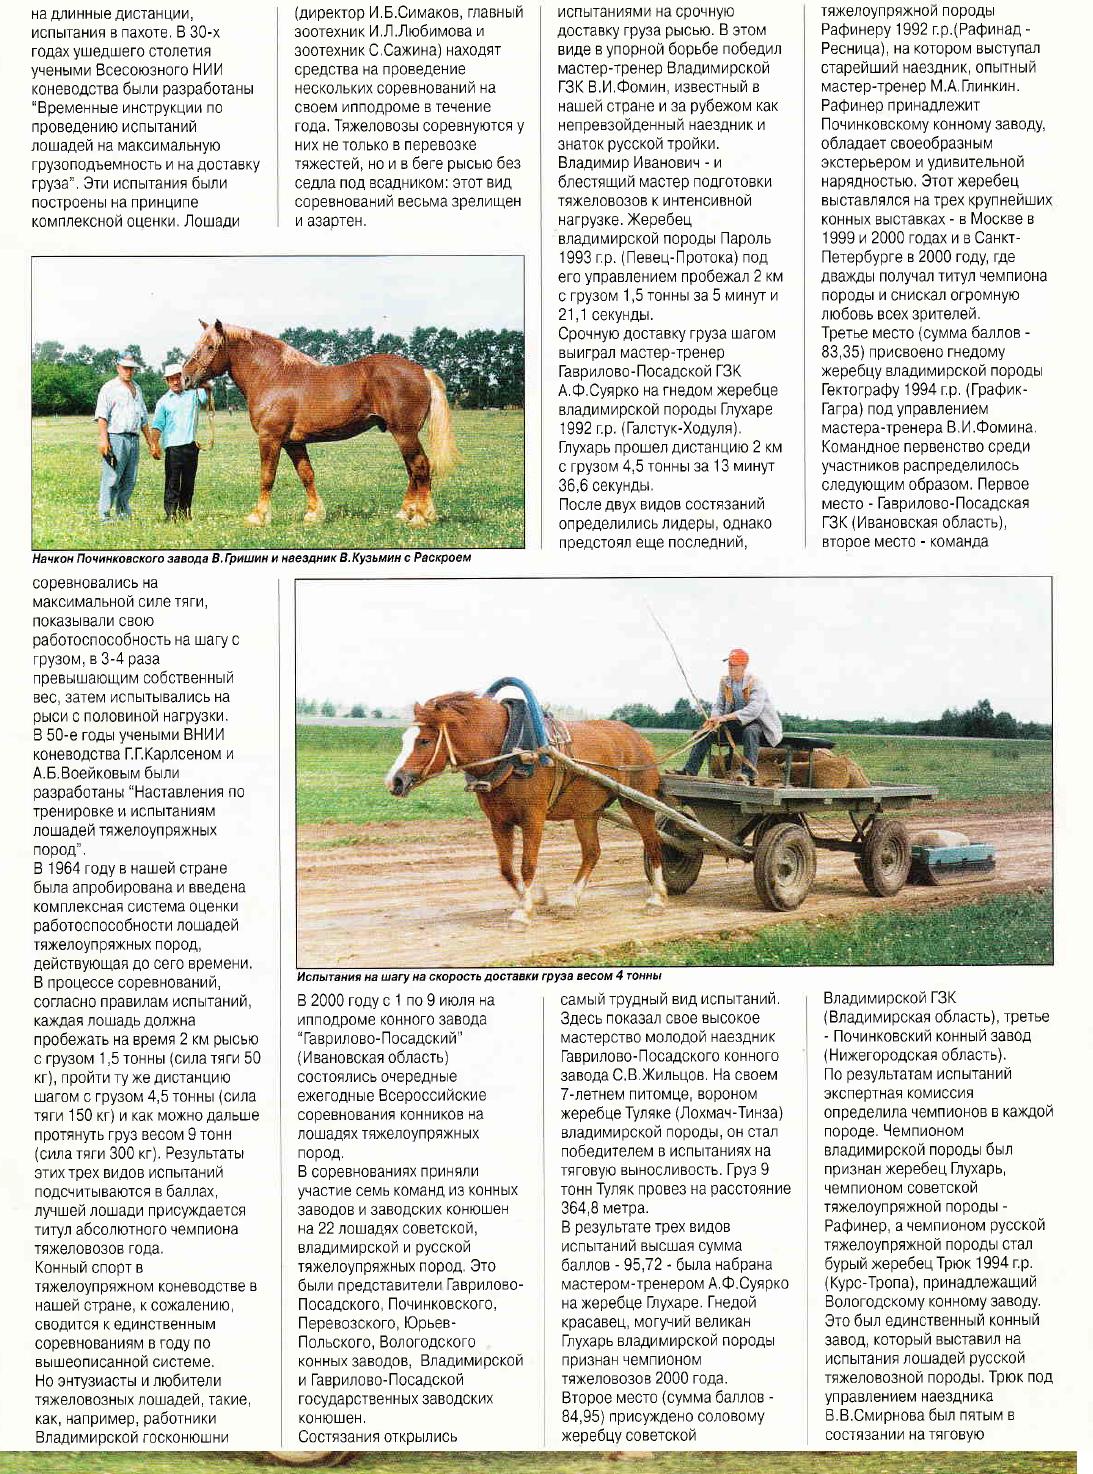 Богатырские кони. Статья из журнала КМ 1-2001